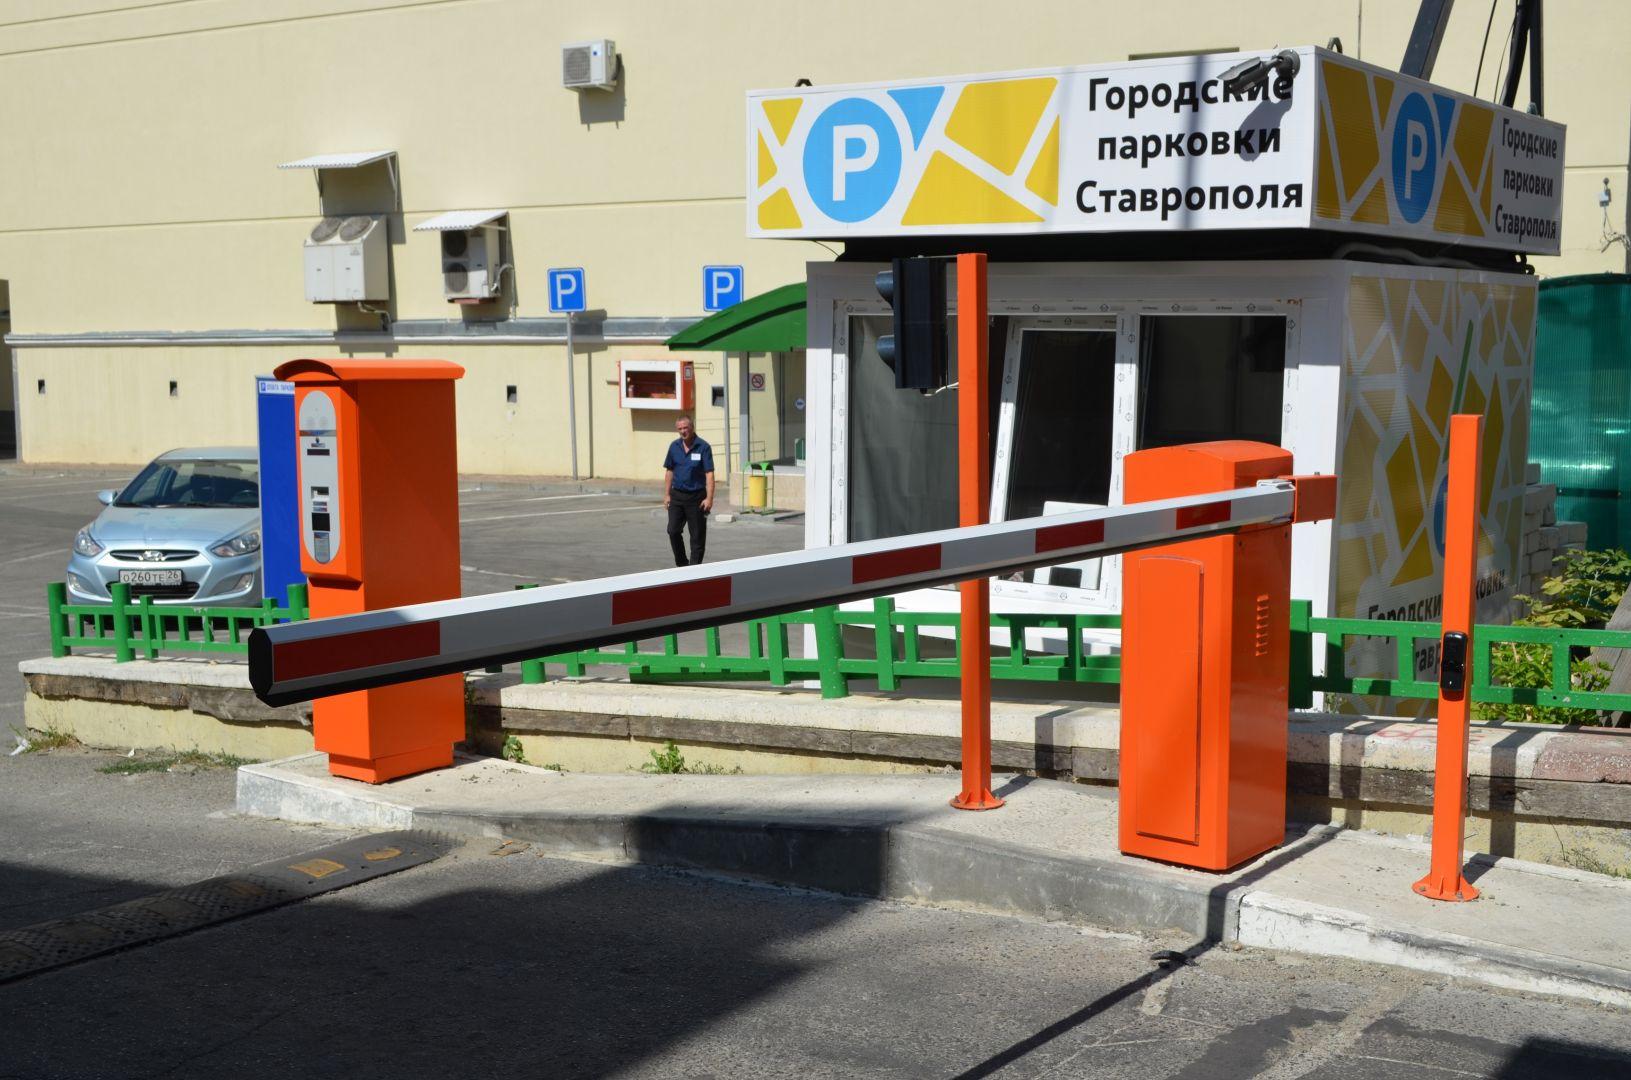 Руководитель Ставрополя пригрозил закрыть платные парковки вгороде